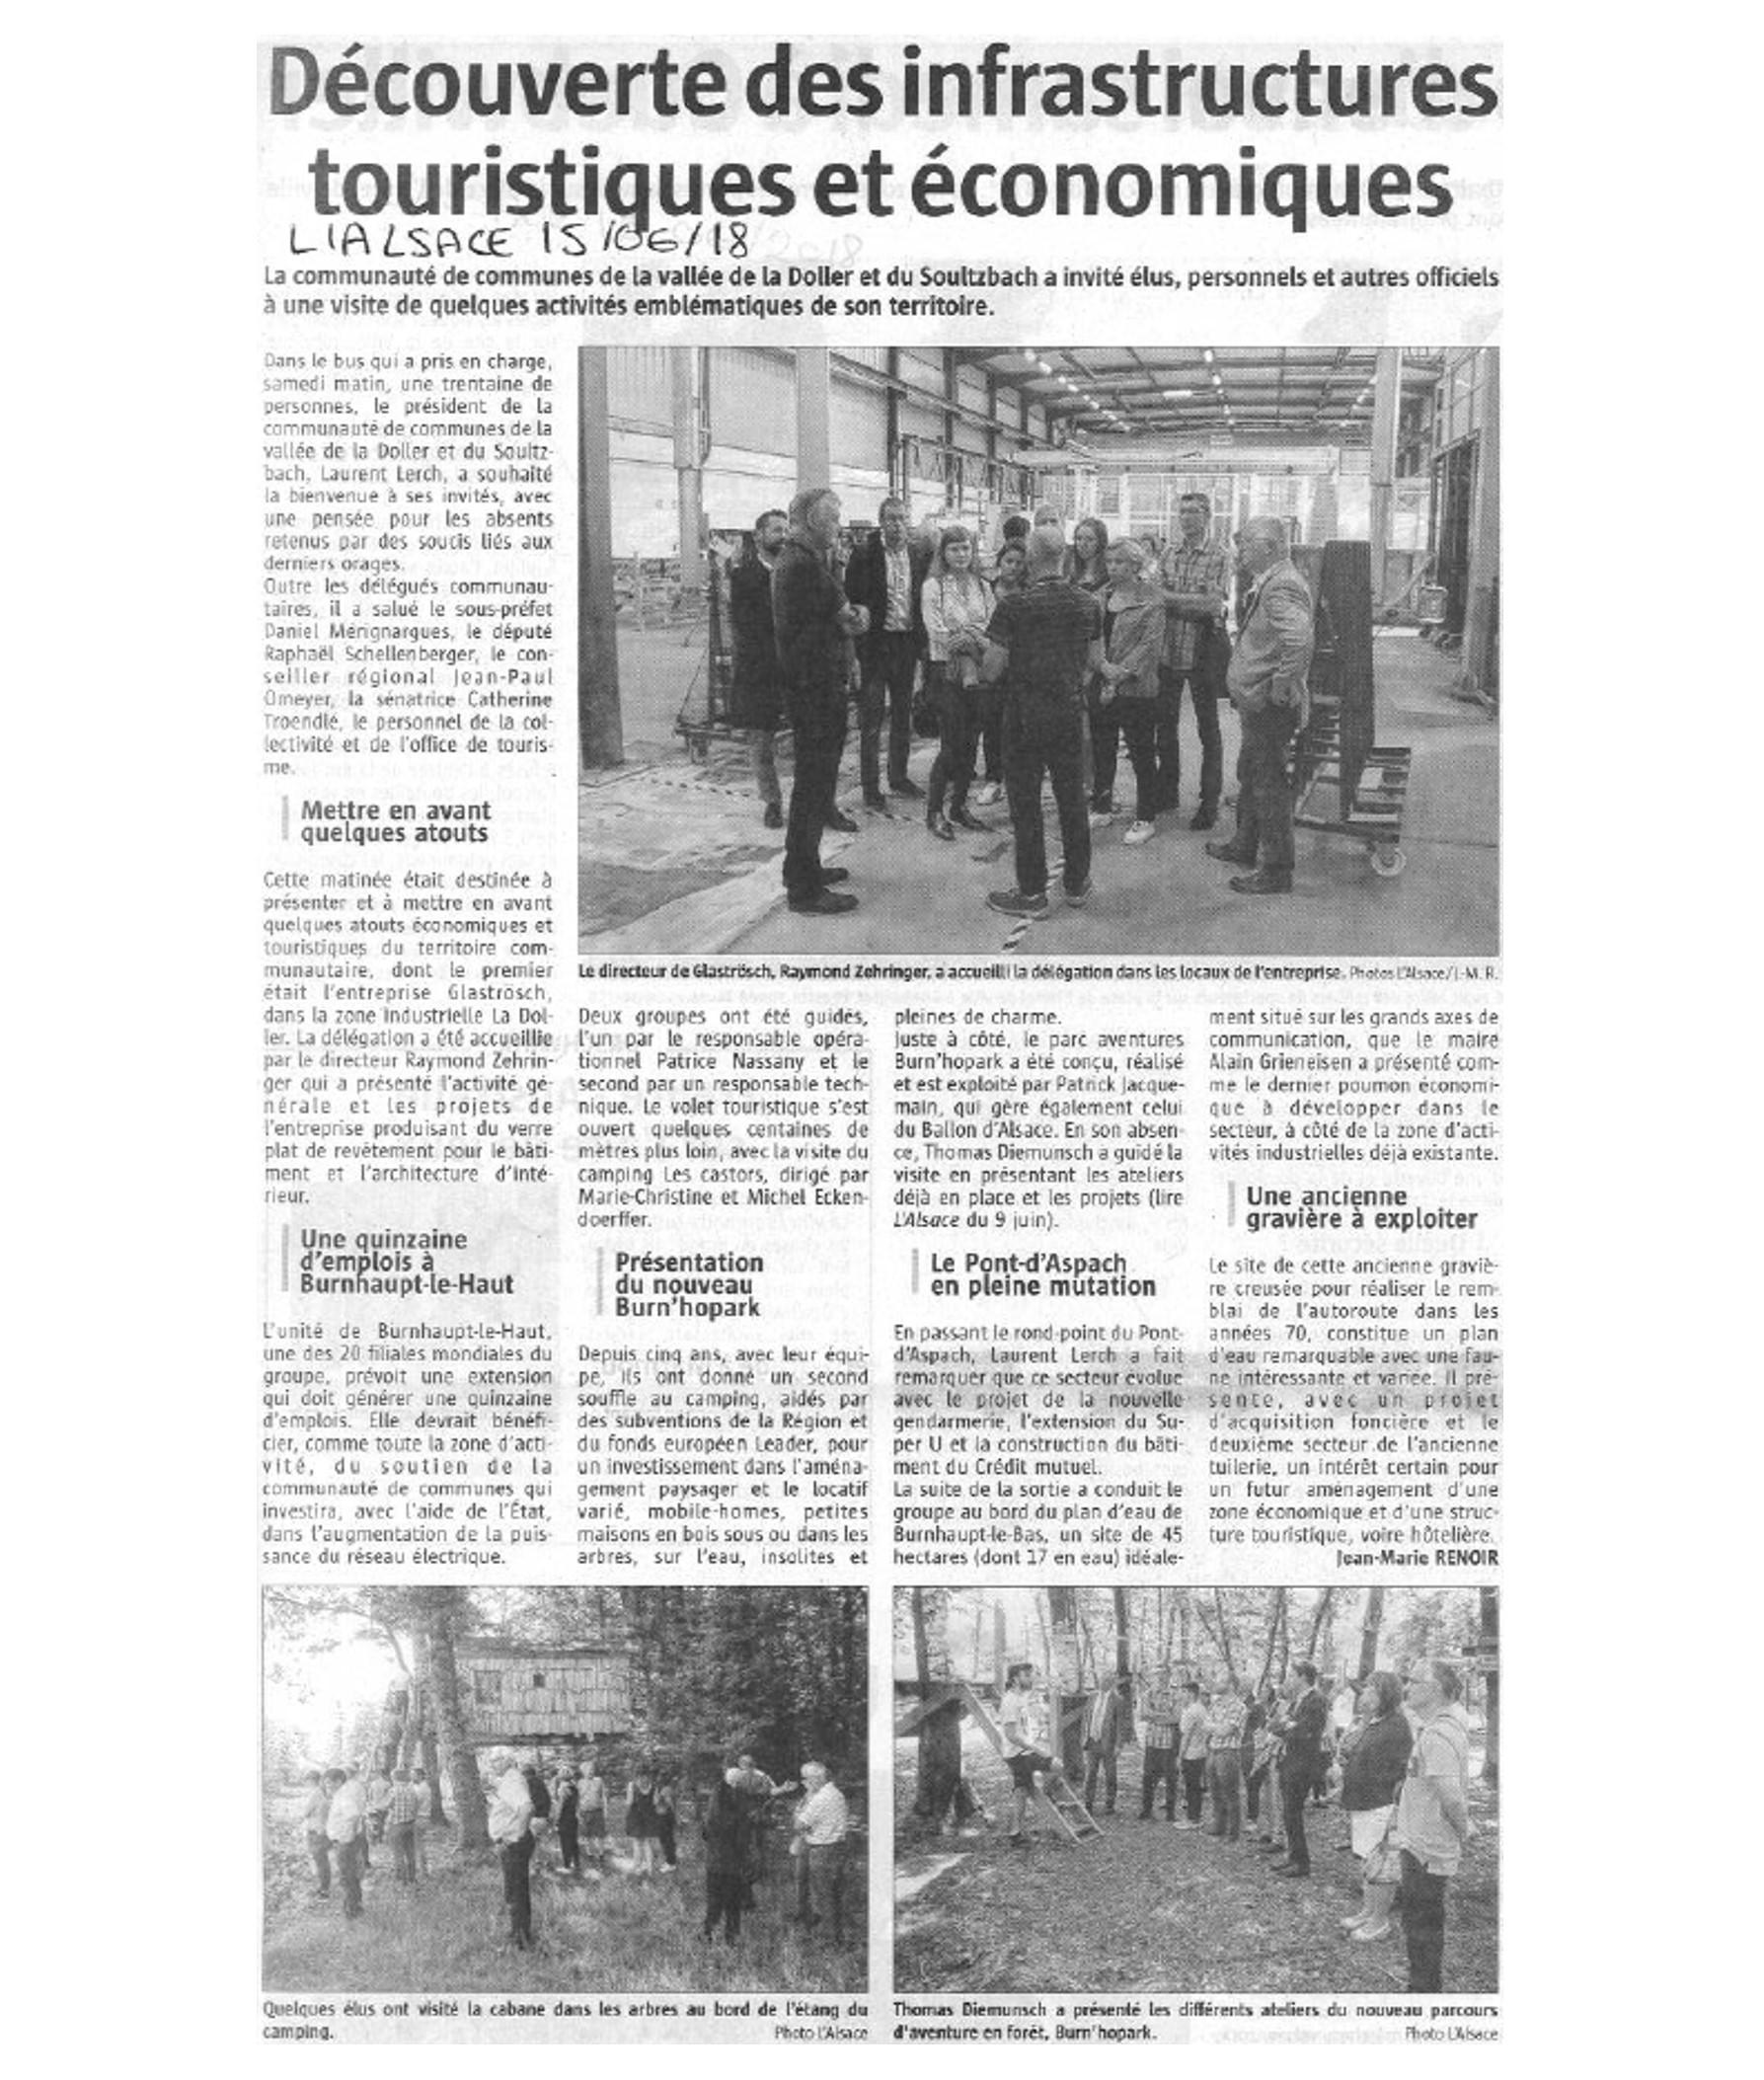 Découverte des infrastructures touristiques et économiques - L'Alsace (15-06-2018)